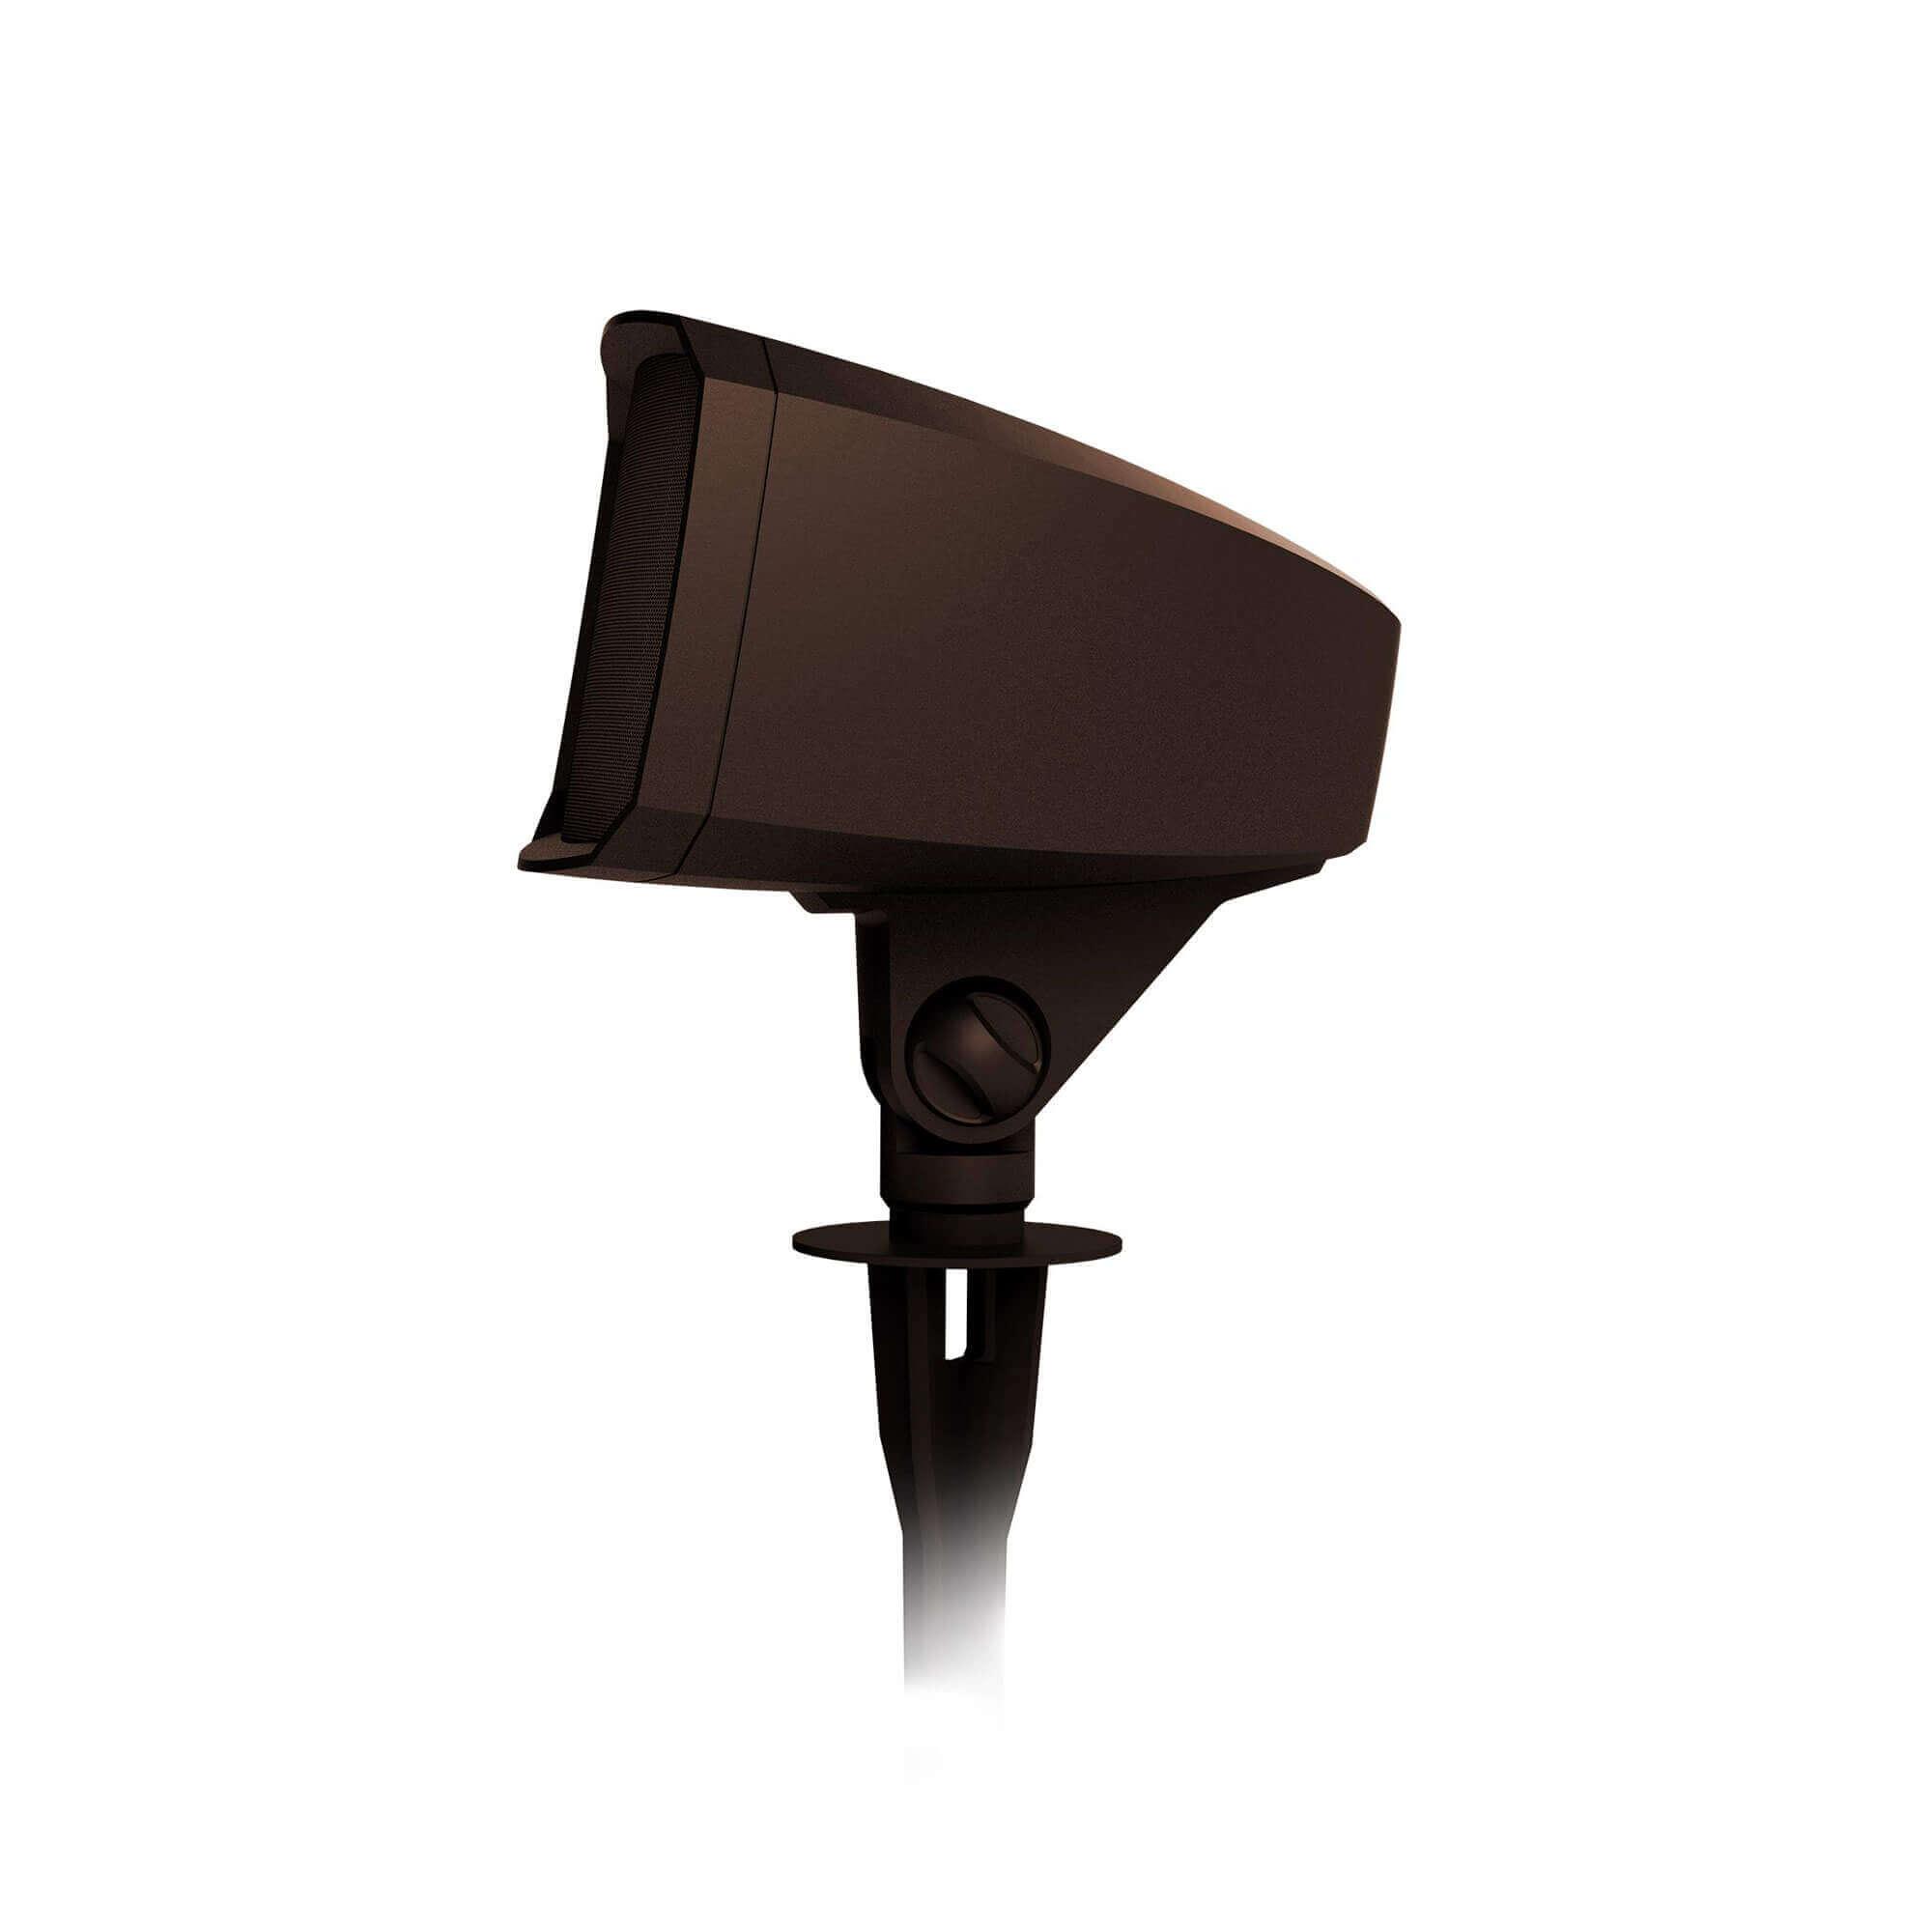 Altavoz del paisaje satélite pieza 5 pulgadas-Pro-500t-Ls